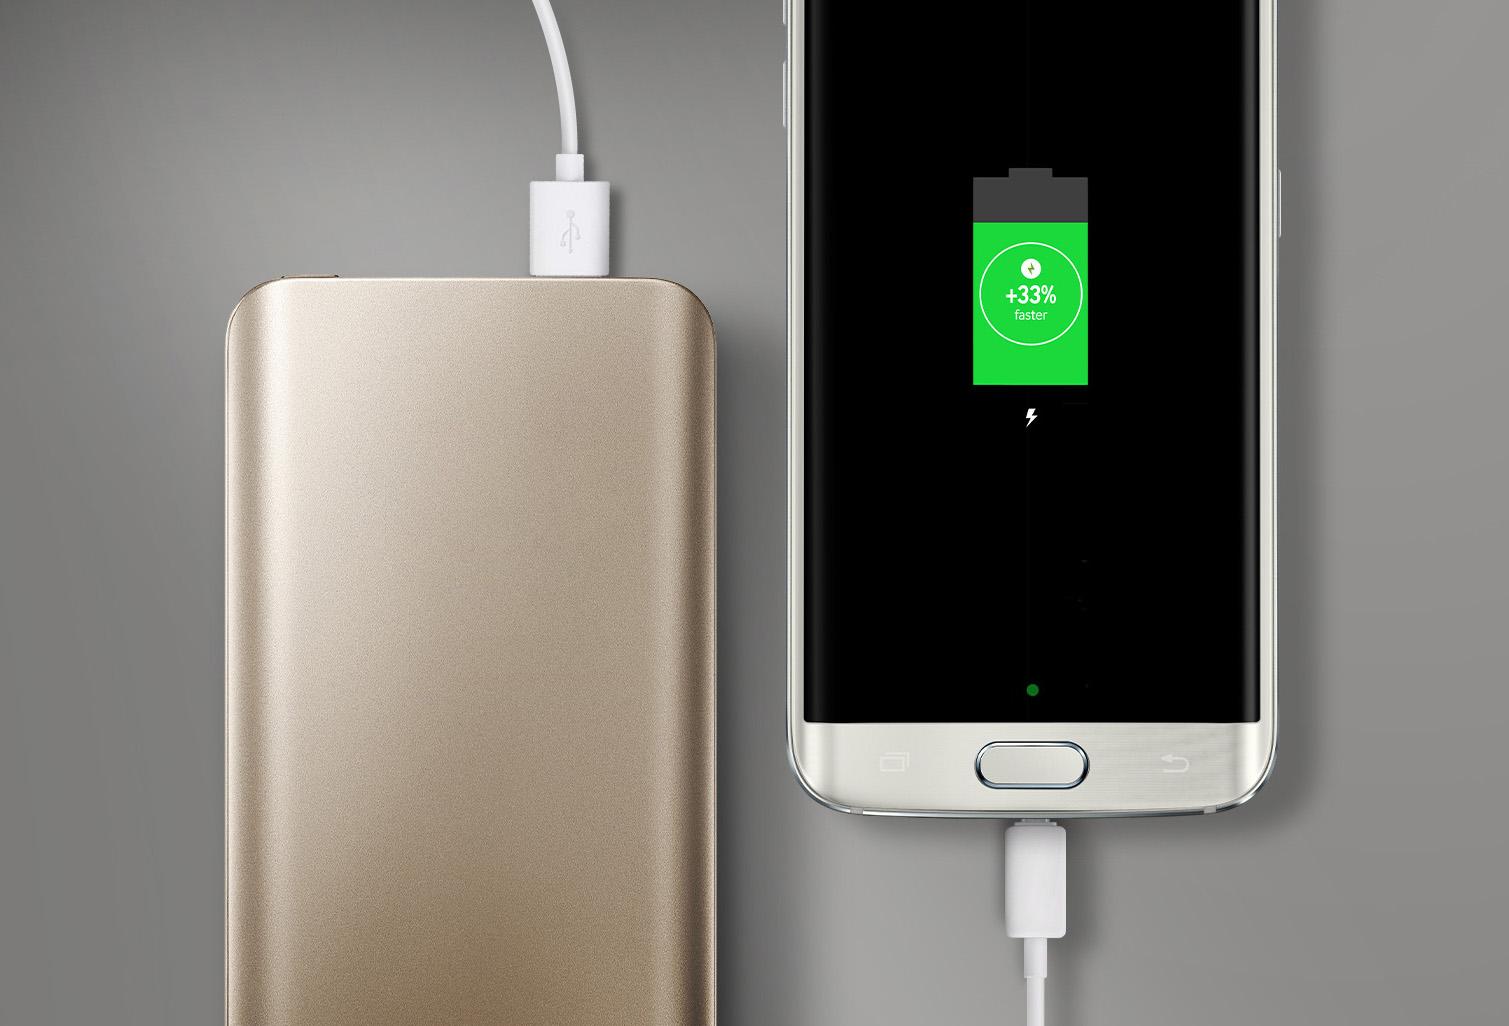 487fc3a6c La mayoría de los teléfonos Android cuentan con alguna forma de carga  rápida mediante sus adaptadores USB-C. En el caso de los iPhone más  recientes, ...